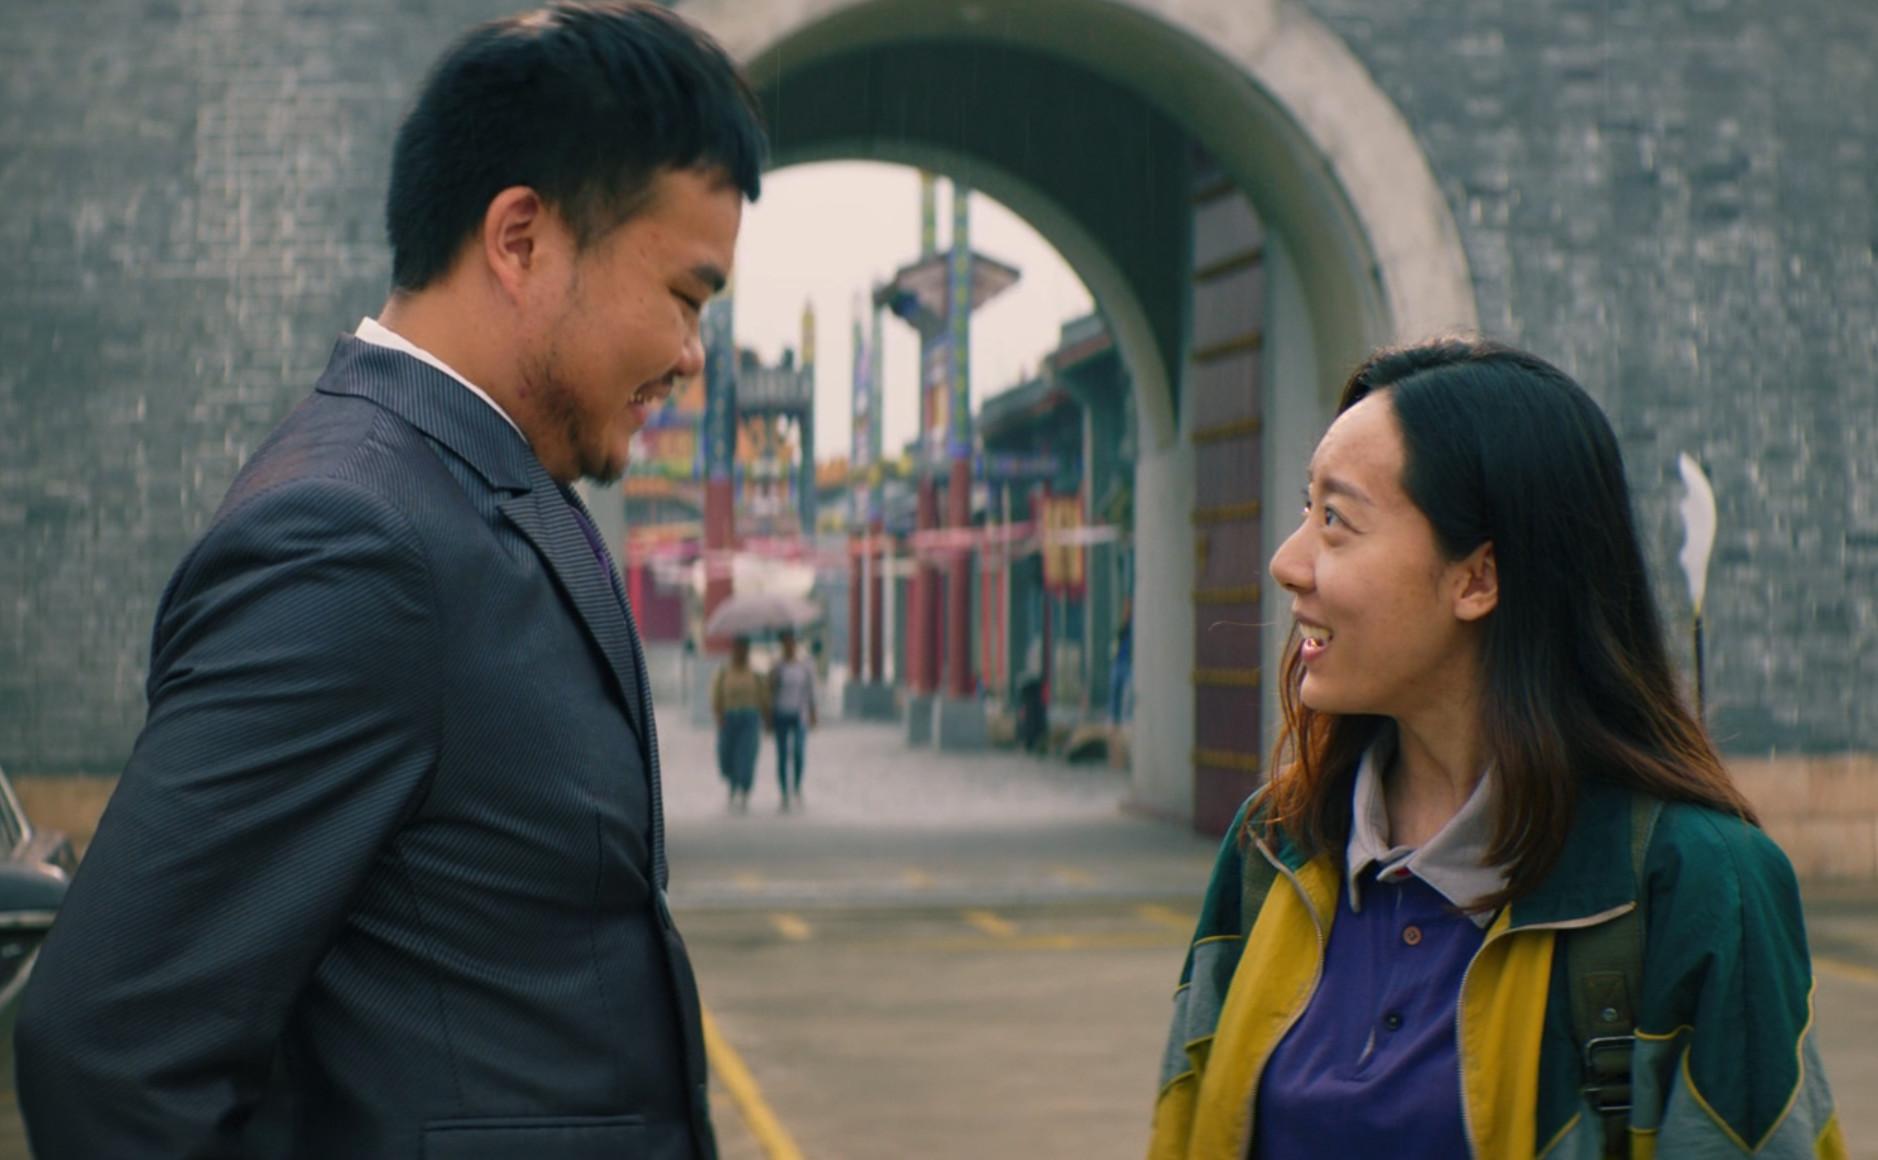 受香港金像奖青睐的12部喜剧片 洪金宝独占三部,周星驰表现最强